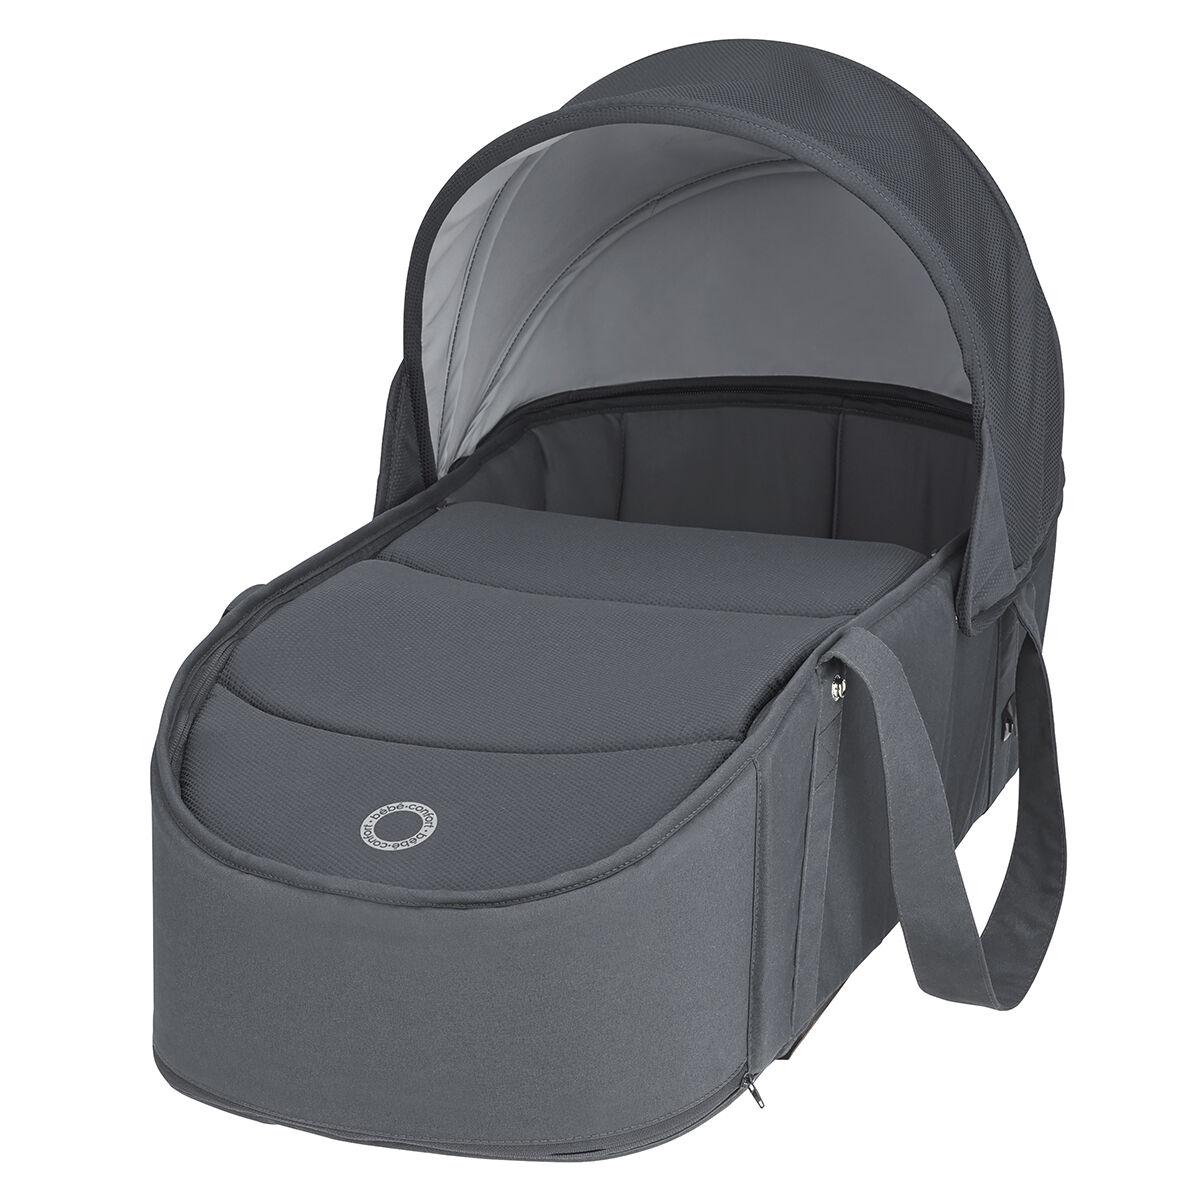 Bébé Confort Nacelle Laïka - Essential Graphite